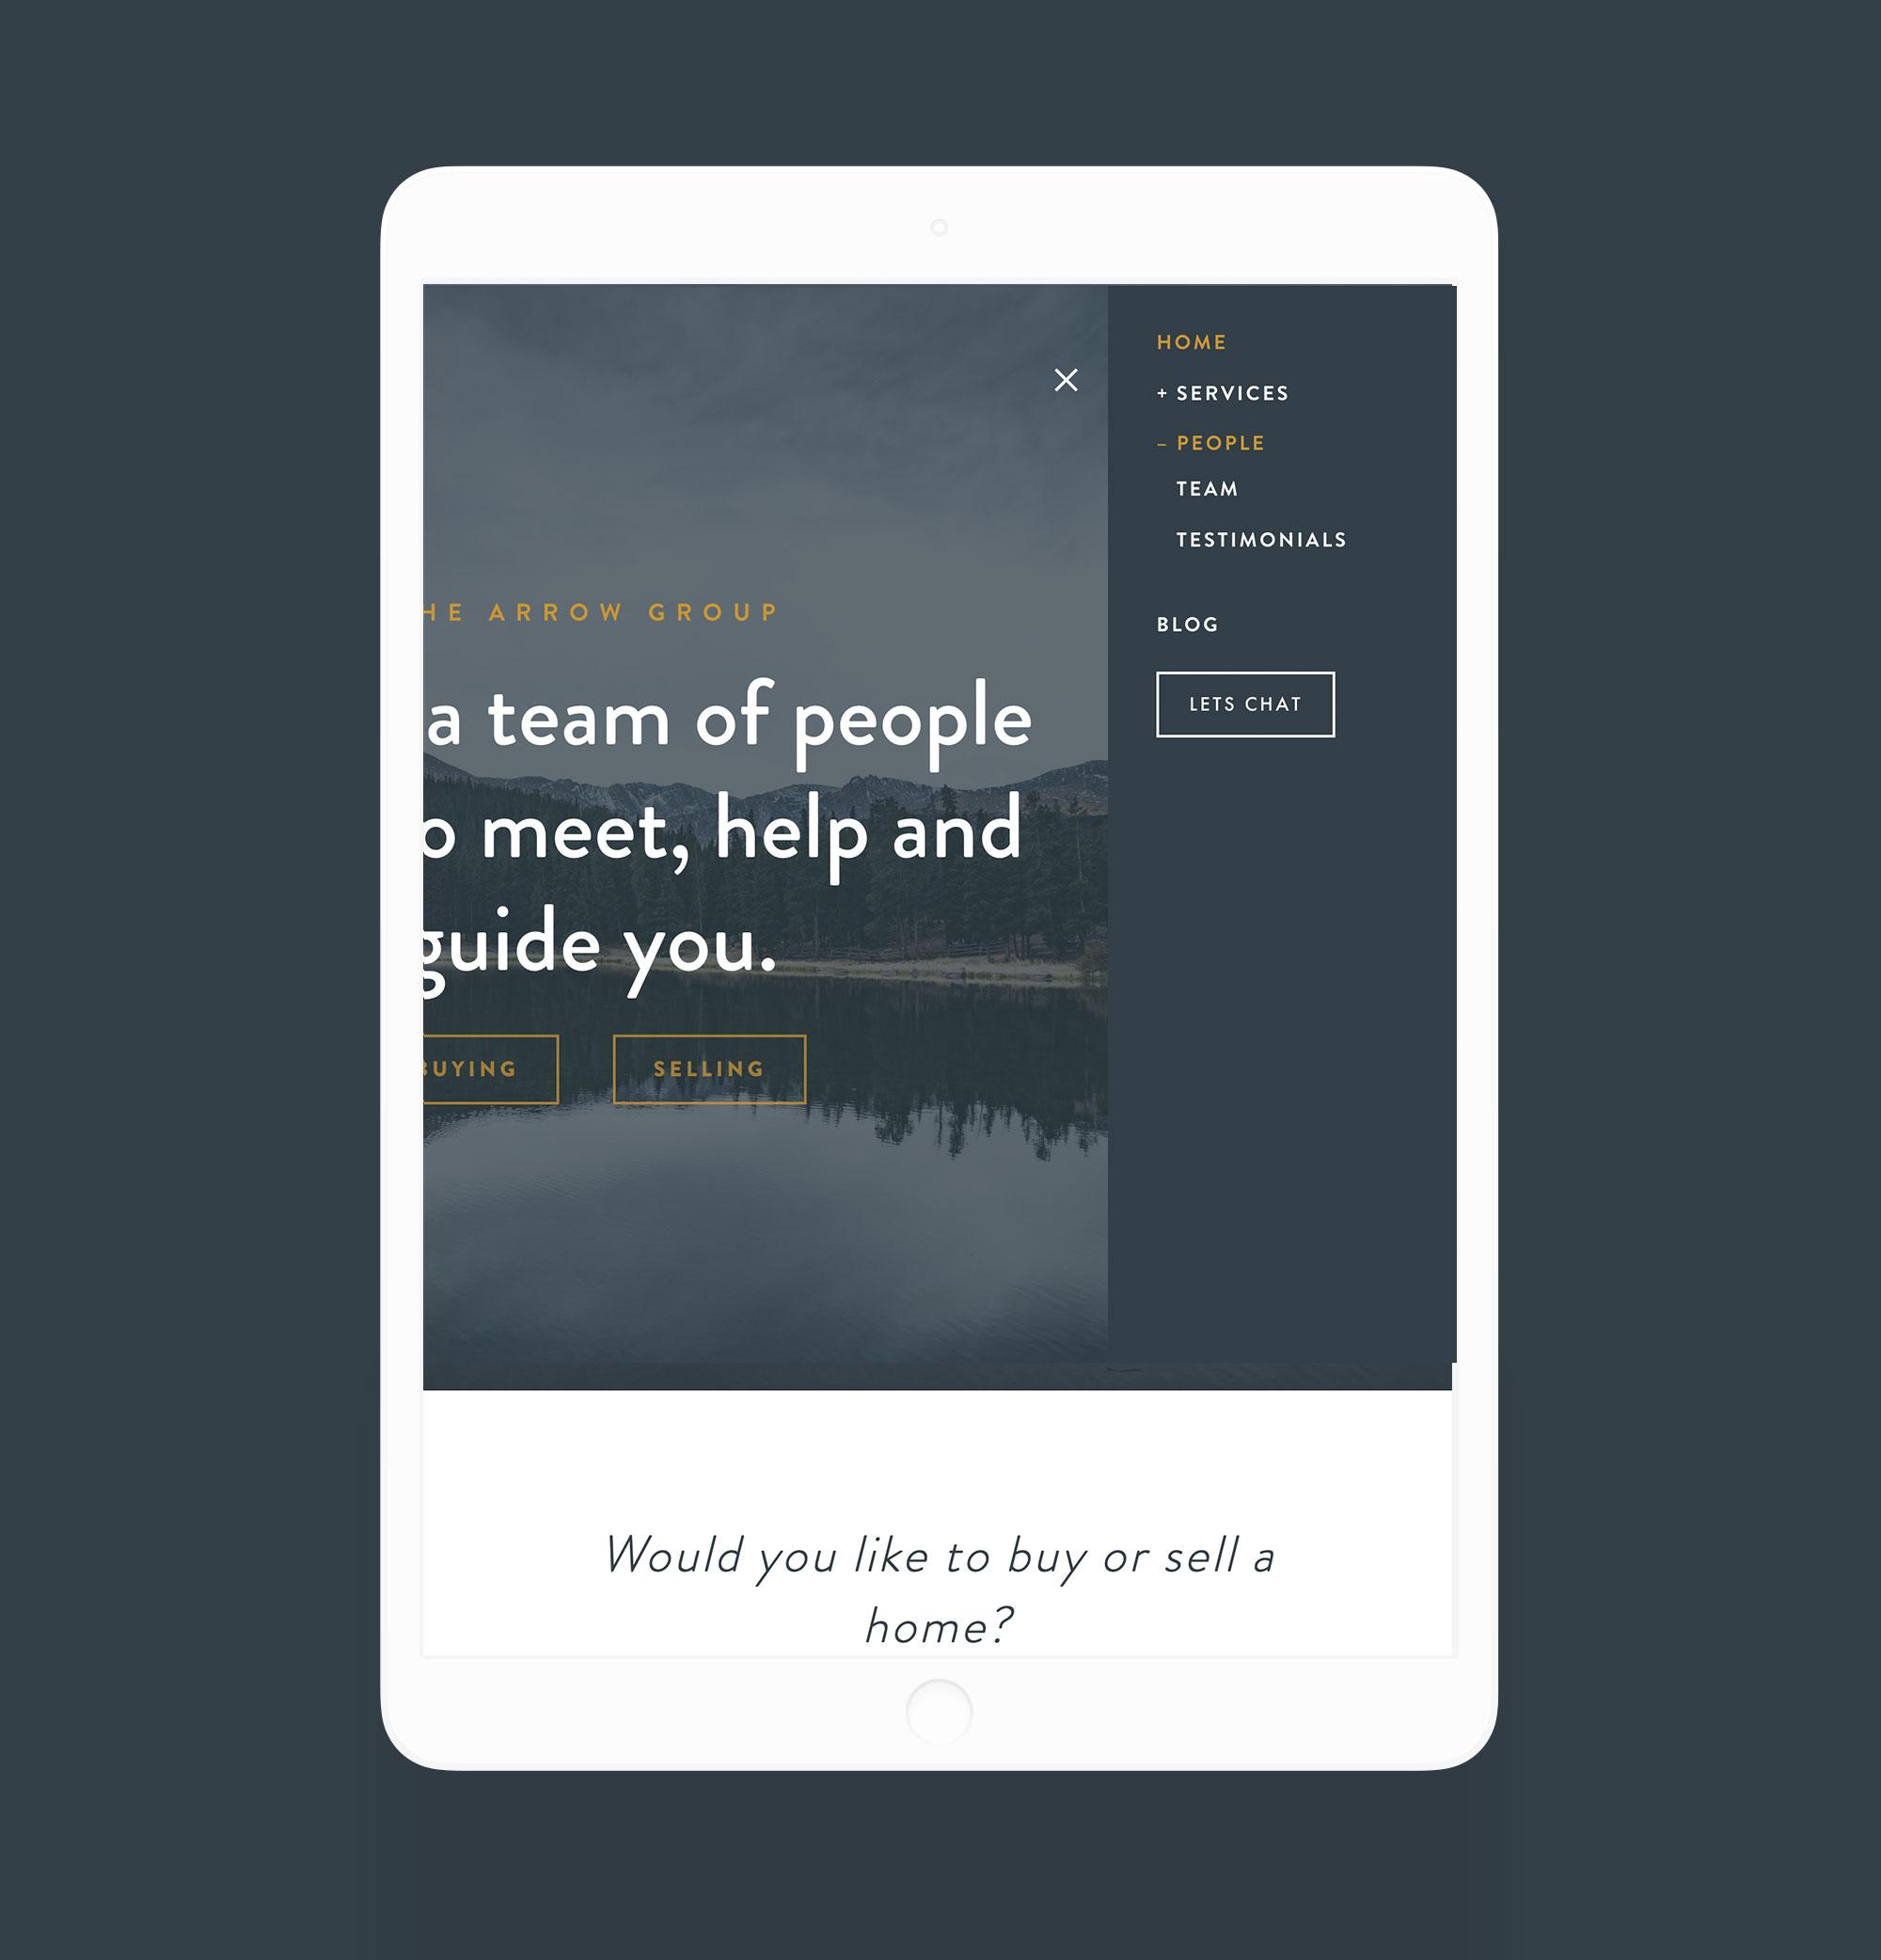 arrow-group-web-iPad-people.jpg